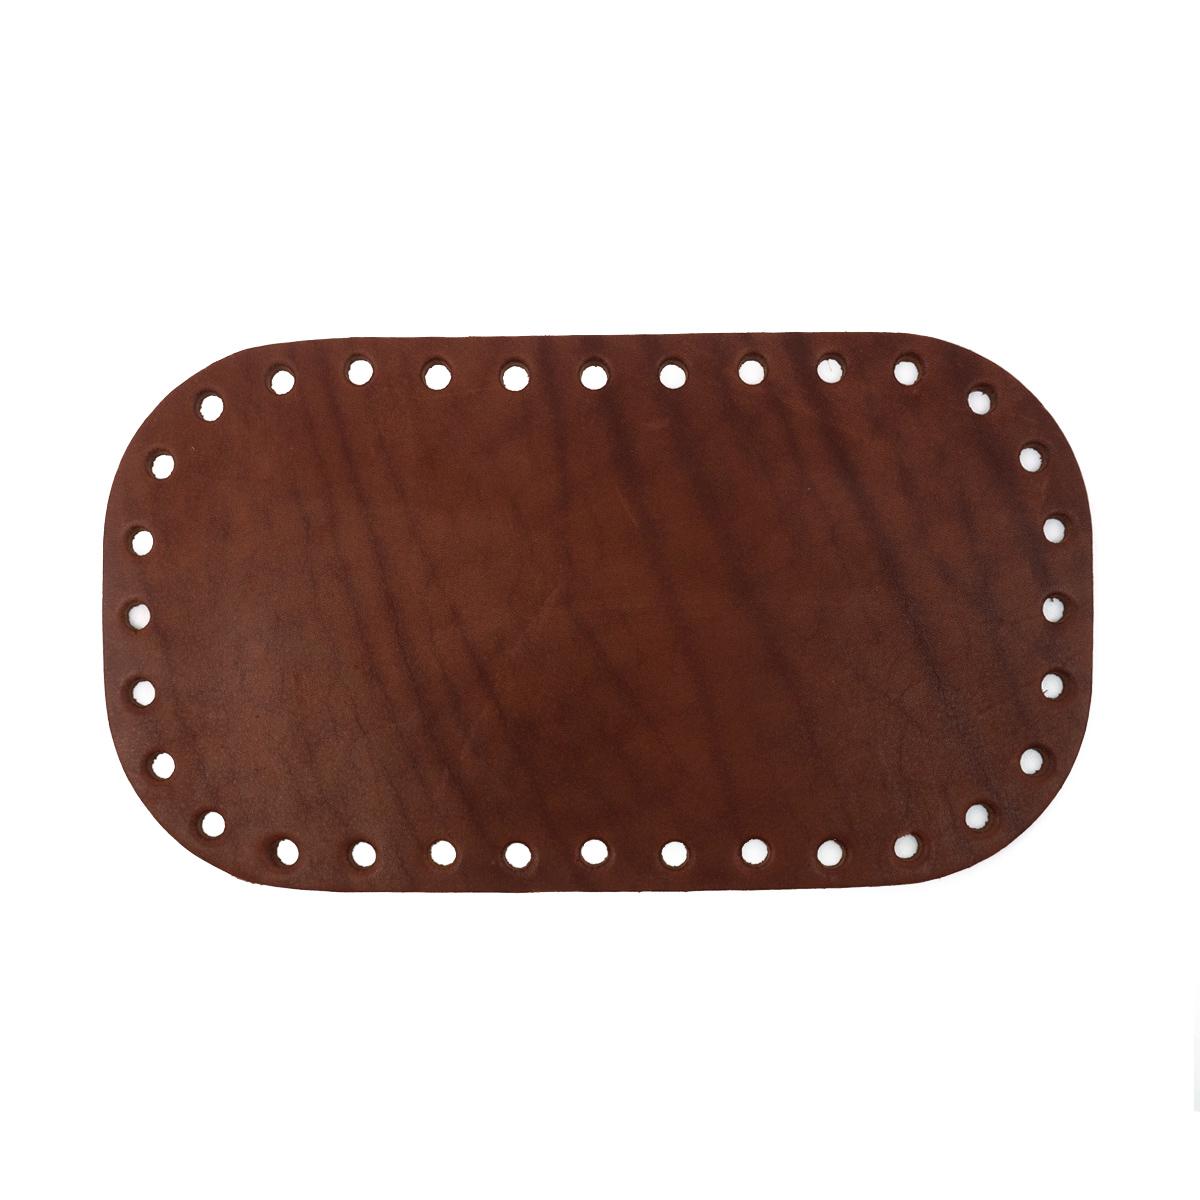 Дно для сумки 21,6см*12,2см, дизайн №501, 100% кожа